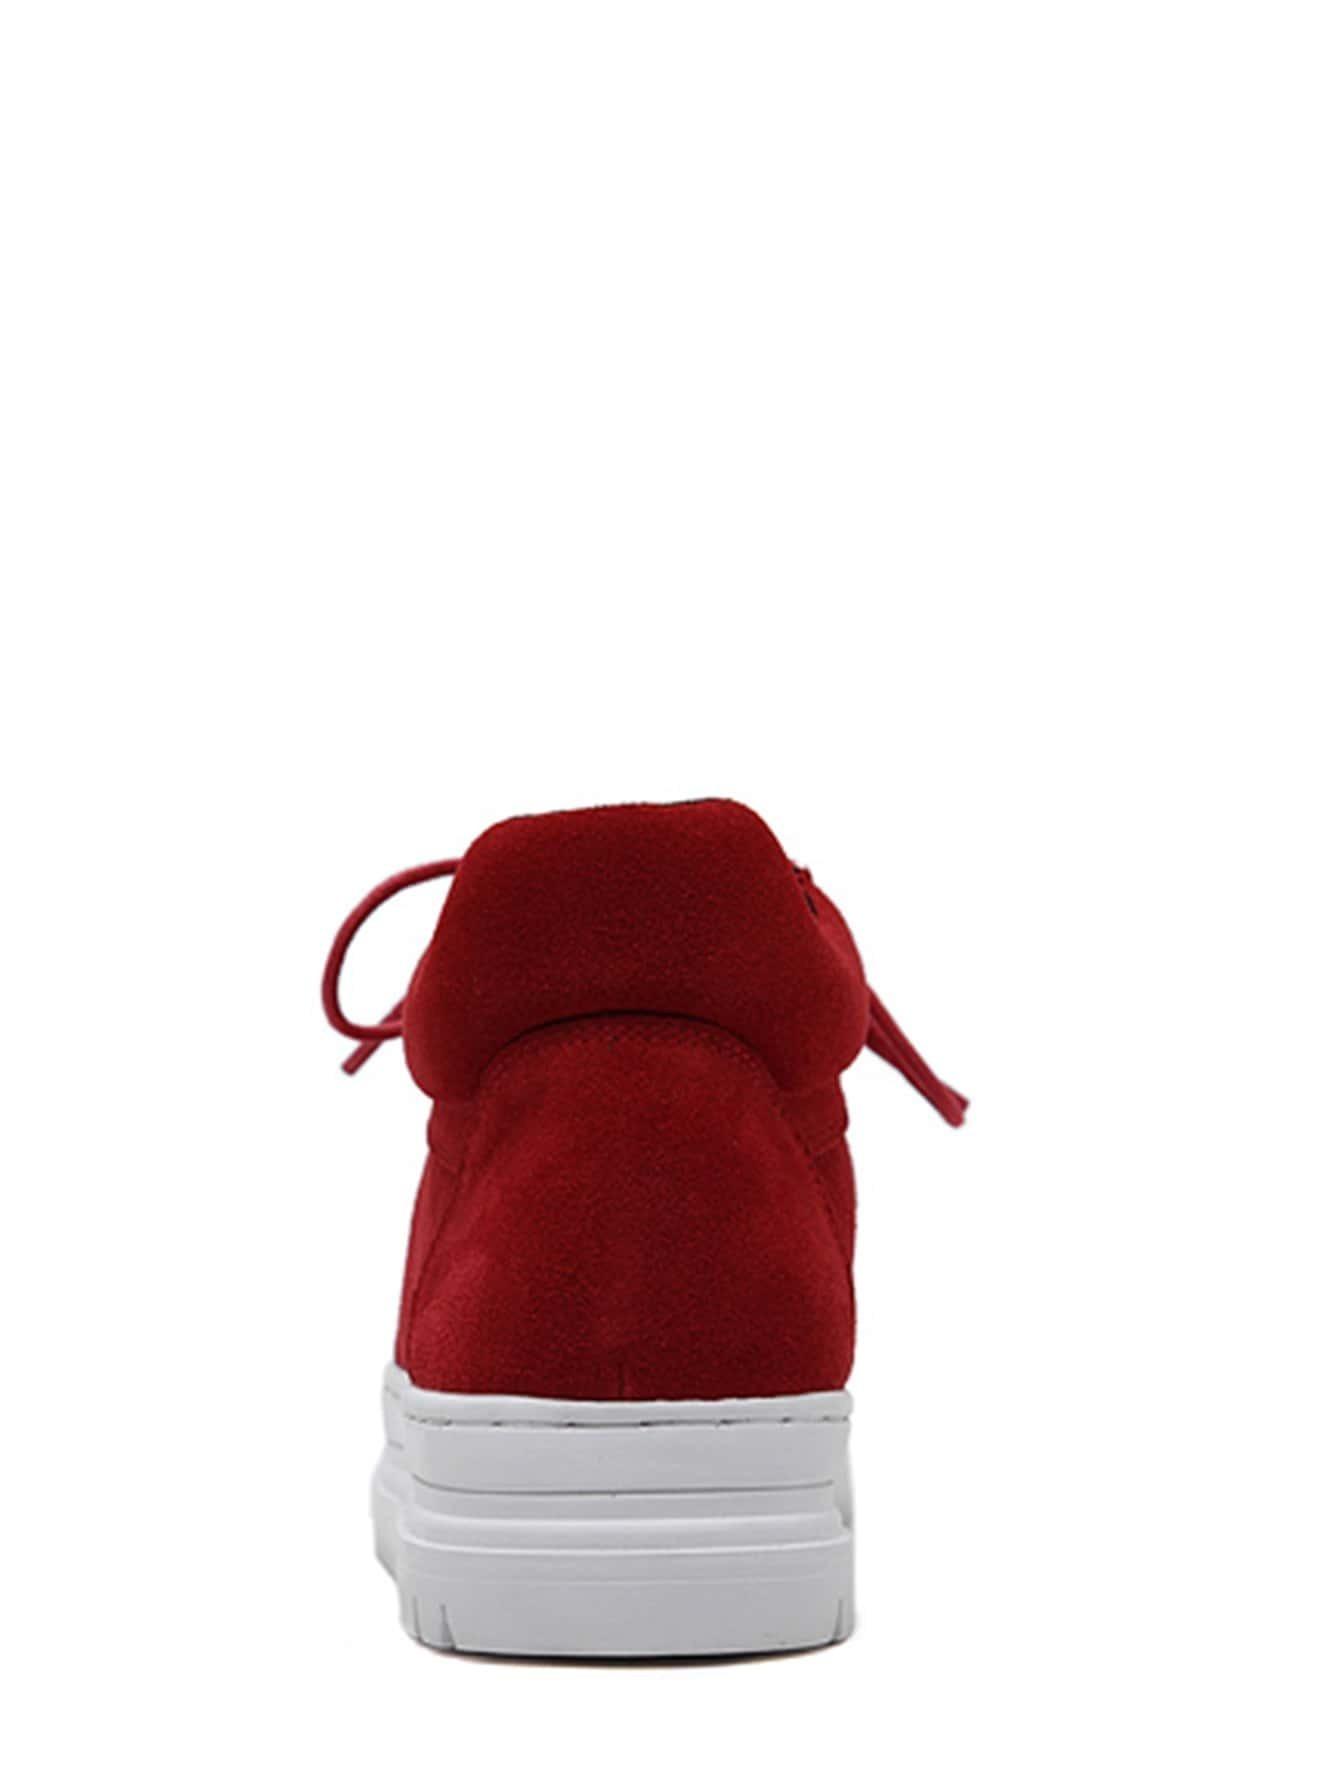 Chaussures plates en cuir peluche avec lacet rouge for Interieur paupiere inferieure rouge